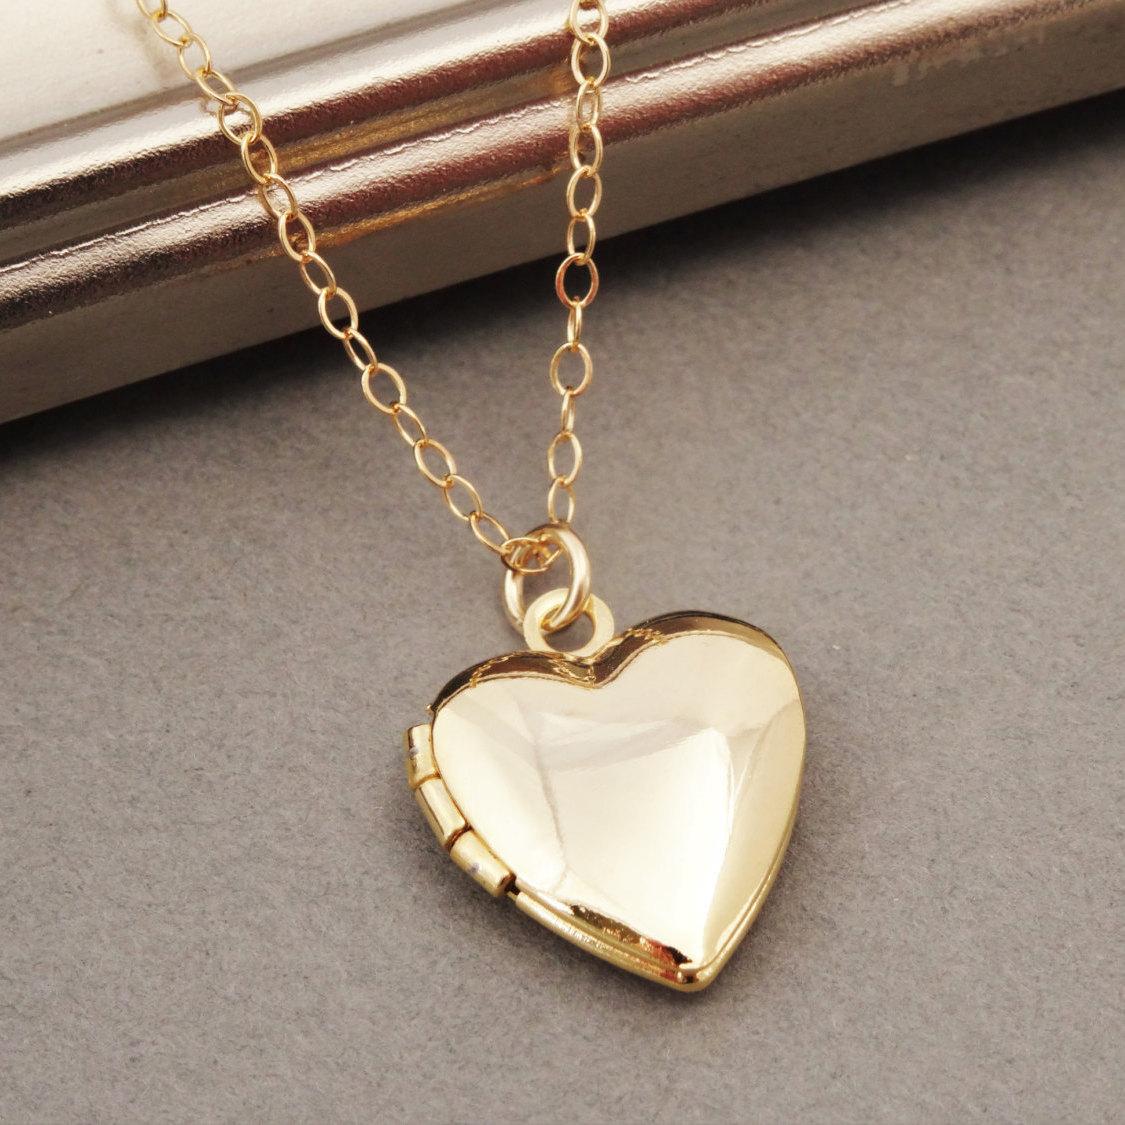 Pendent clipart beautiful heart Locket locket Locket Necklace Locket